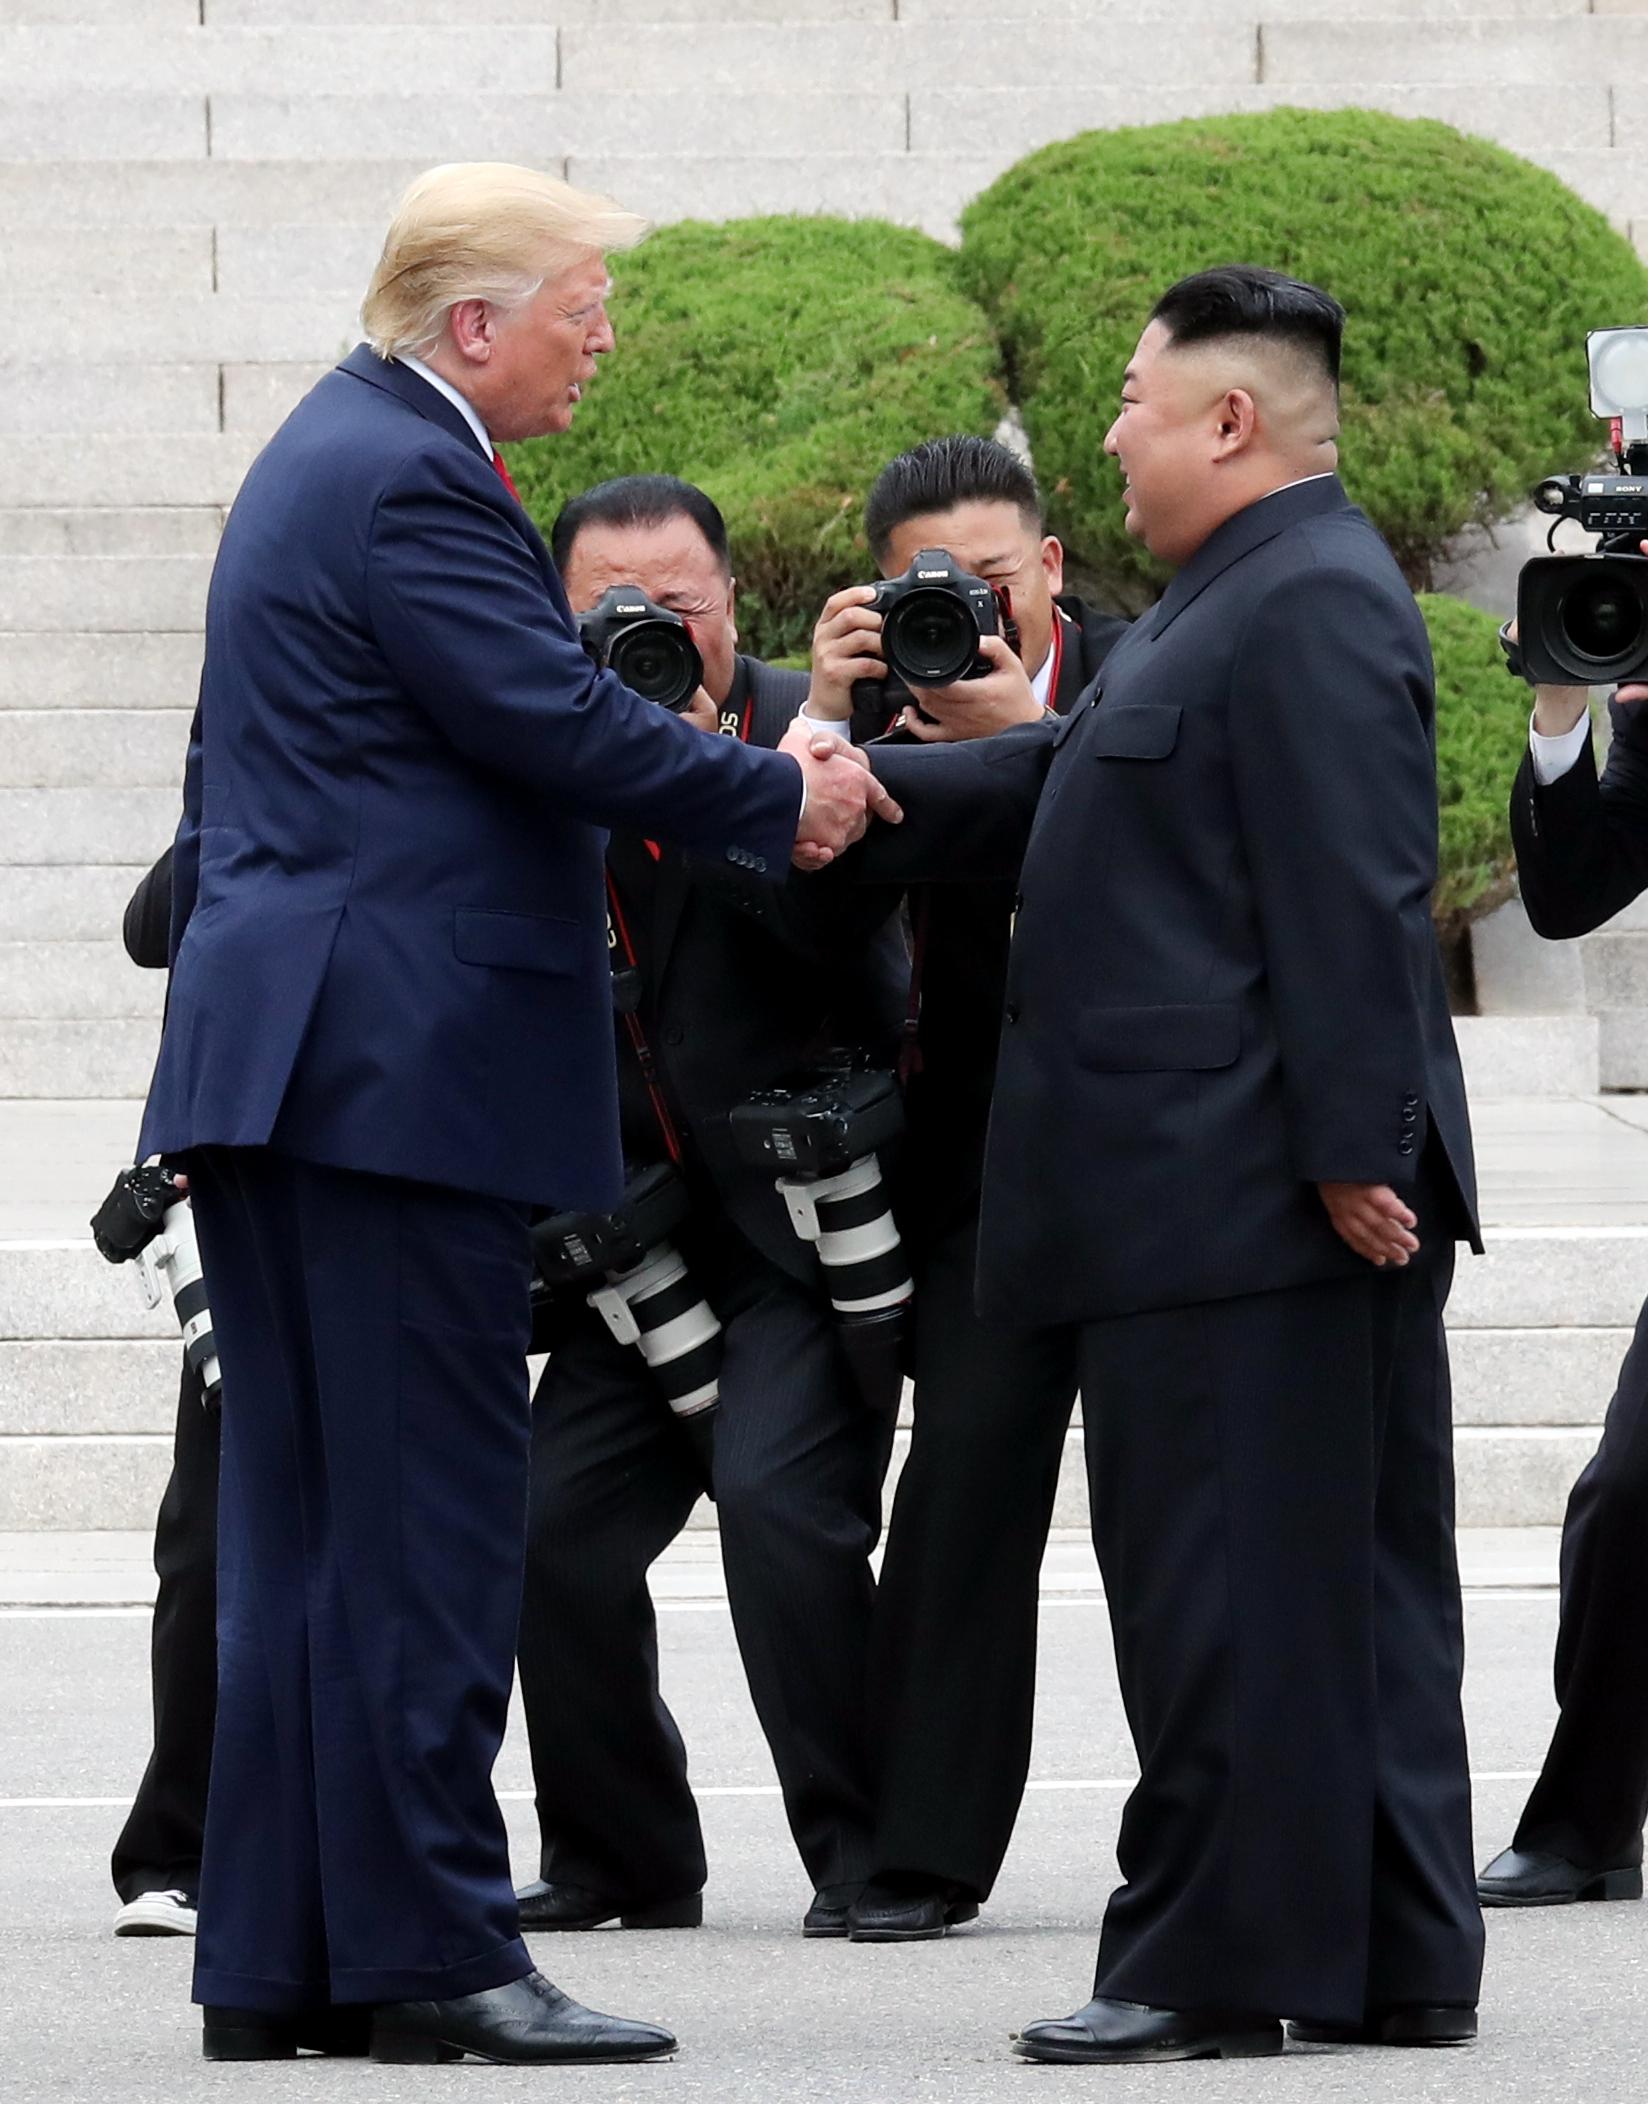 도널드 트럼프 미국 대통령이 30일 오후 판문점에서 김정은 북한 국무위원장과 만나 인사한 뒤 군사분계선을 넘어 북측지역에서 악수 하고 있다. 청와대사진기자단